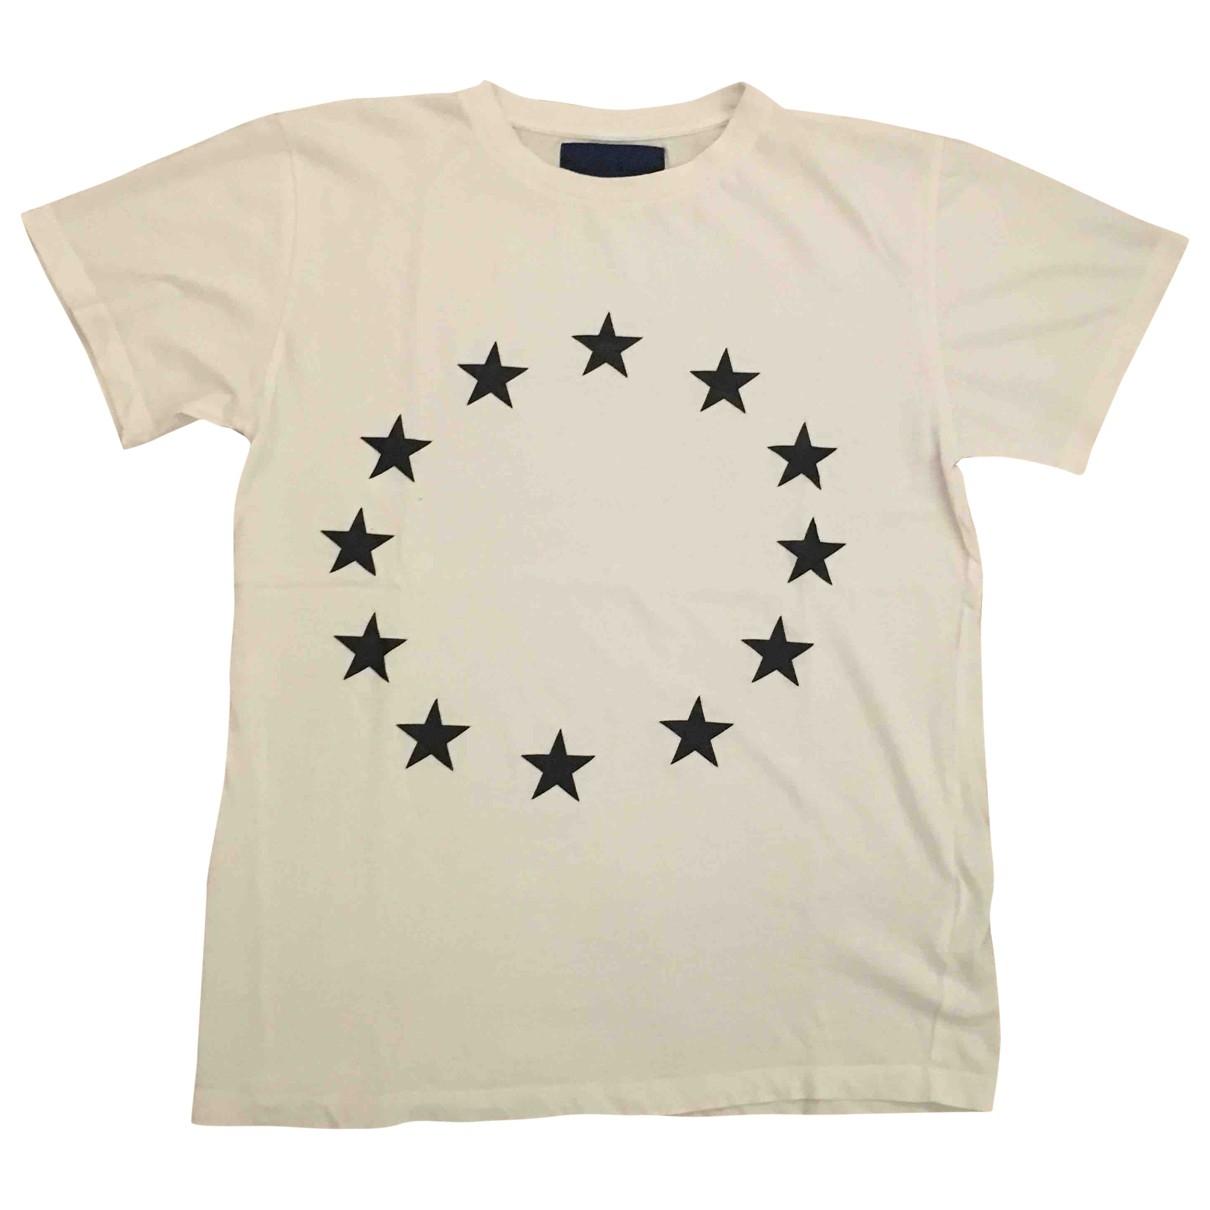 Etudes Studio - Tee shirts   pour homme en coton - blanc